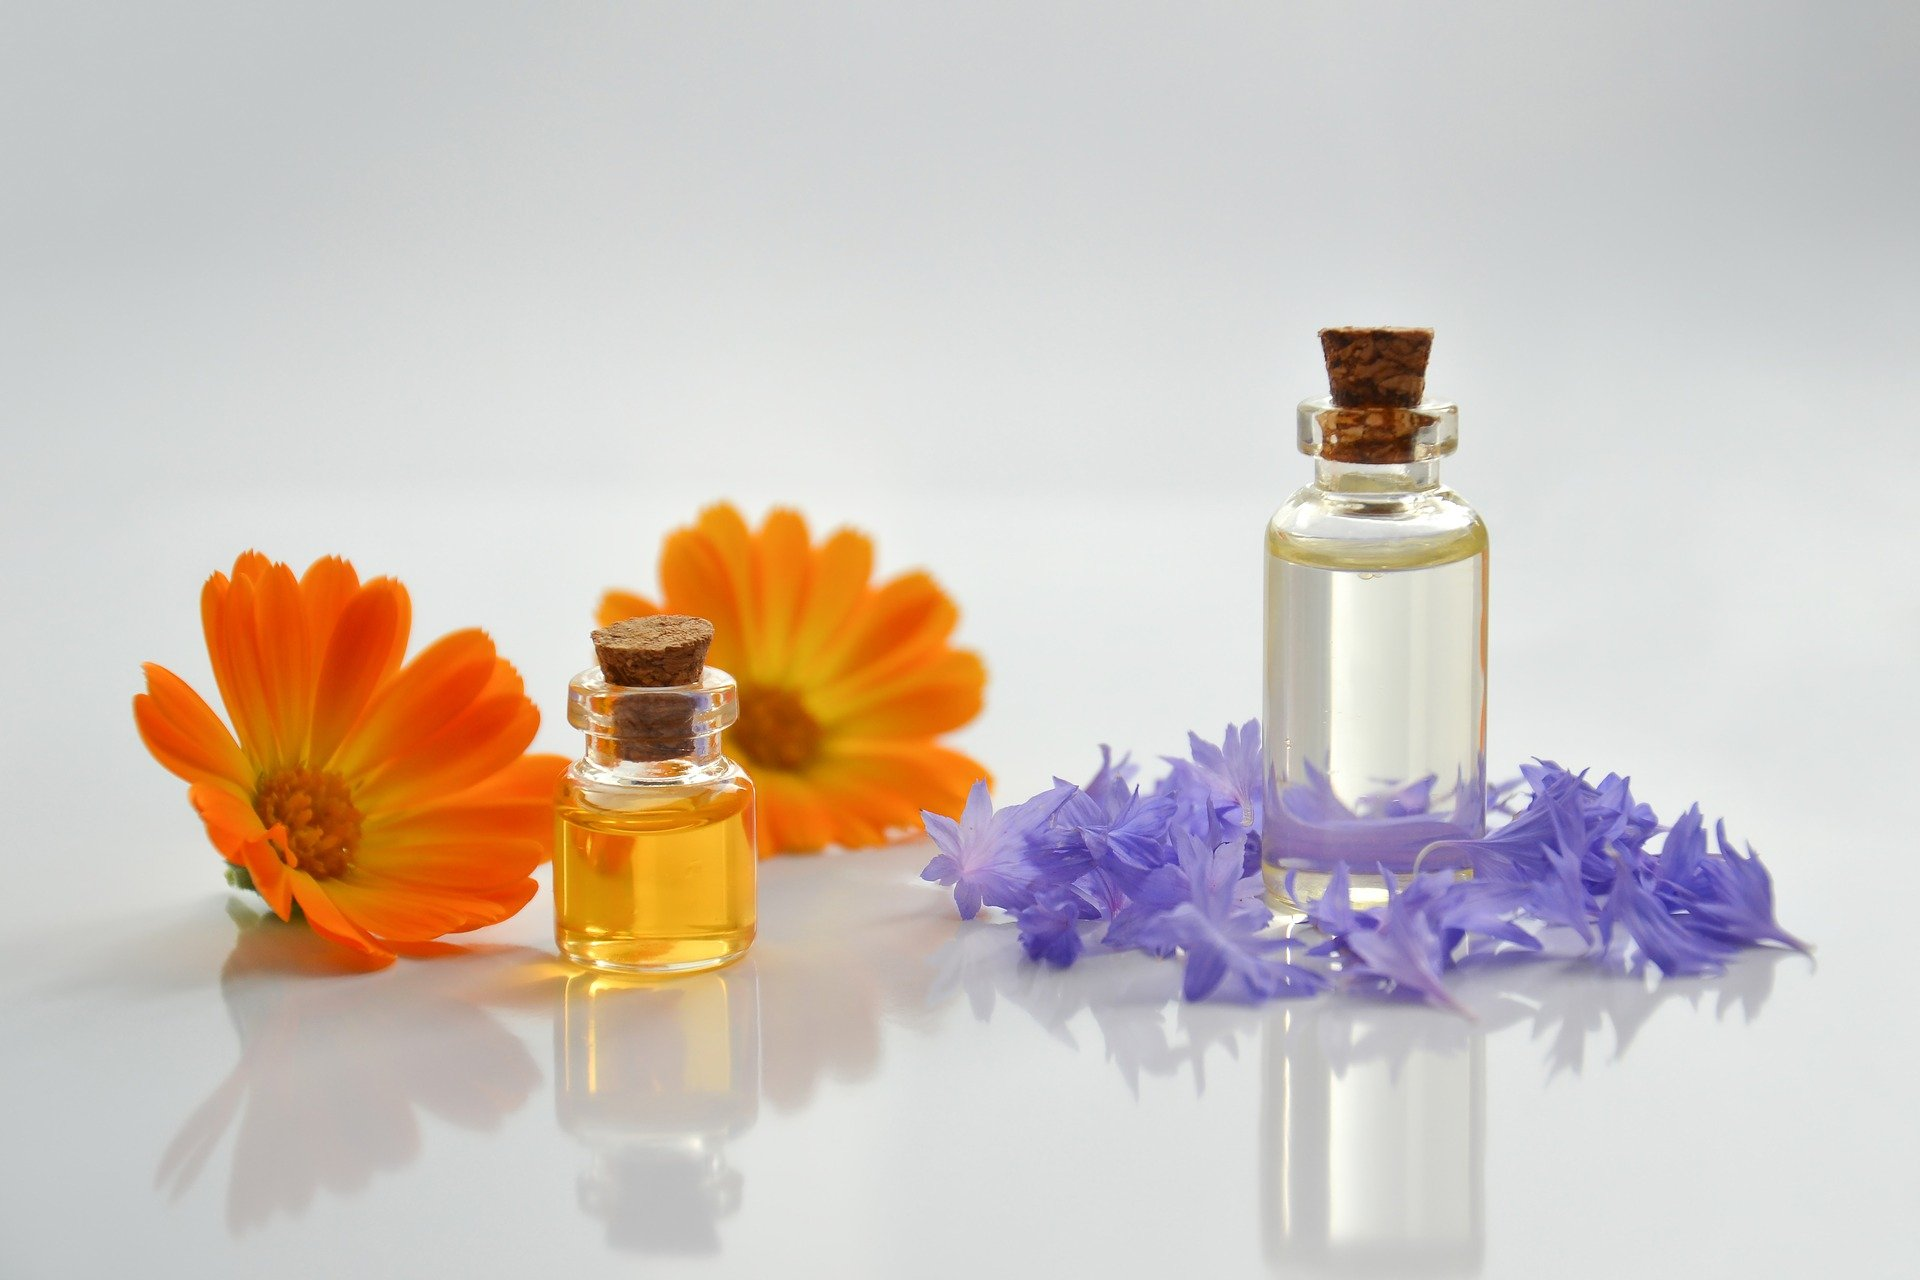 essential-oil-4065187_1920